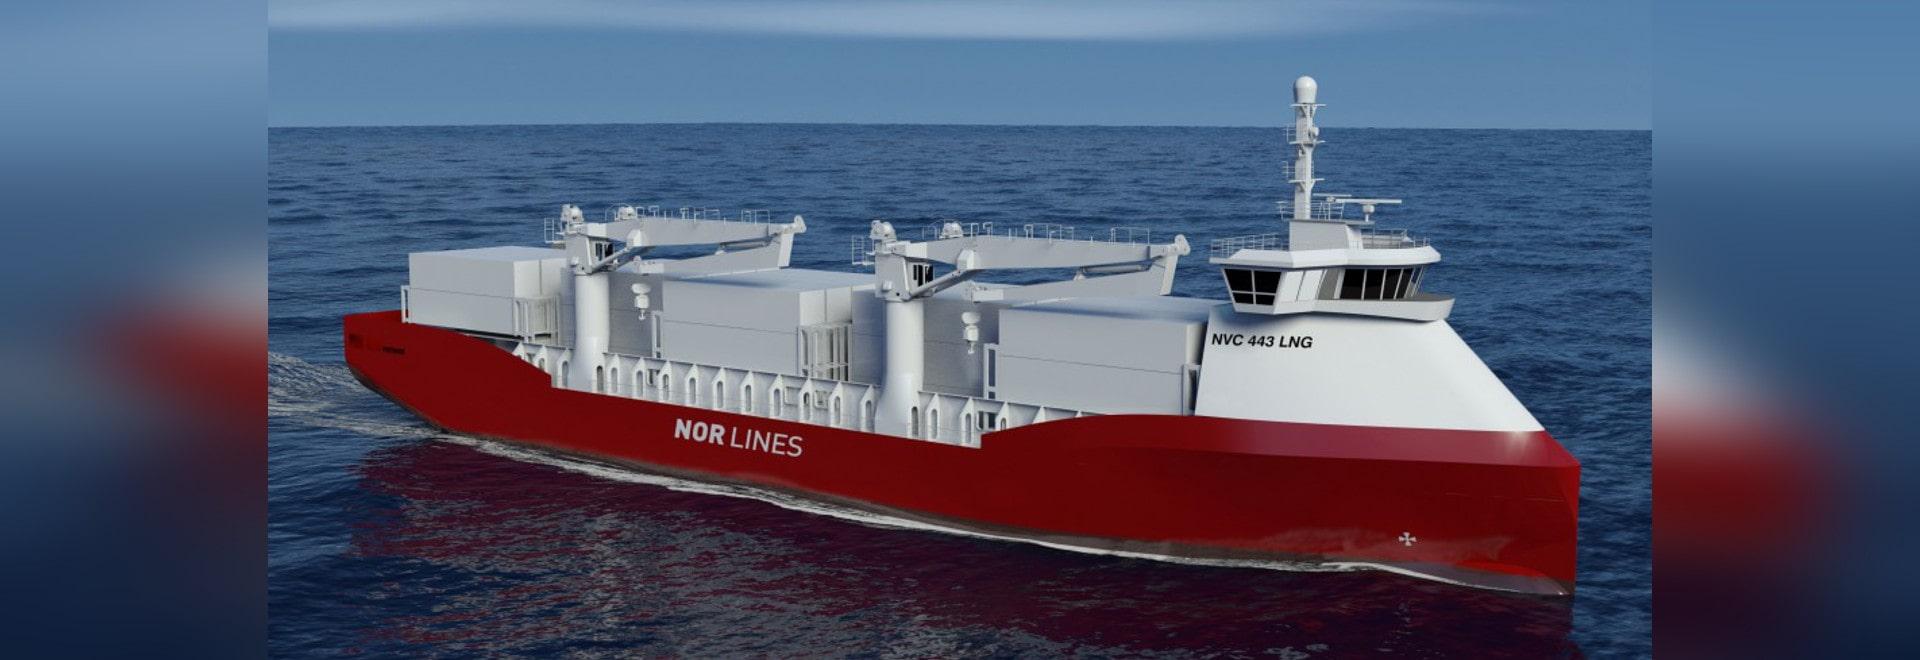 Norwegen wählt fünf Versuchs-Projects im Rahmen des grünen ...